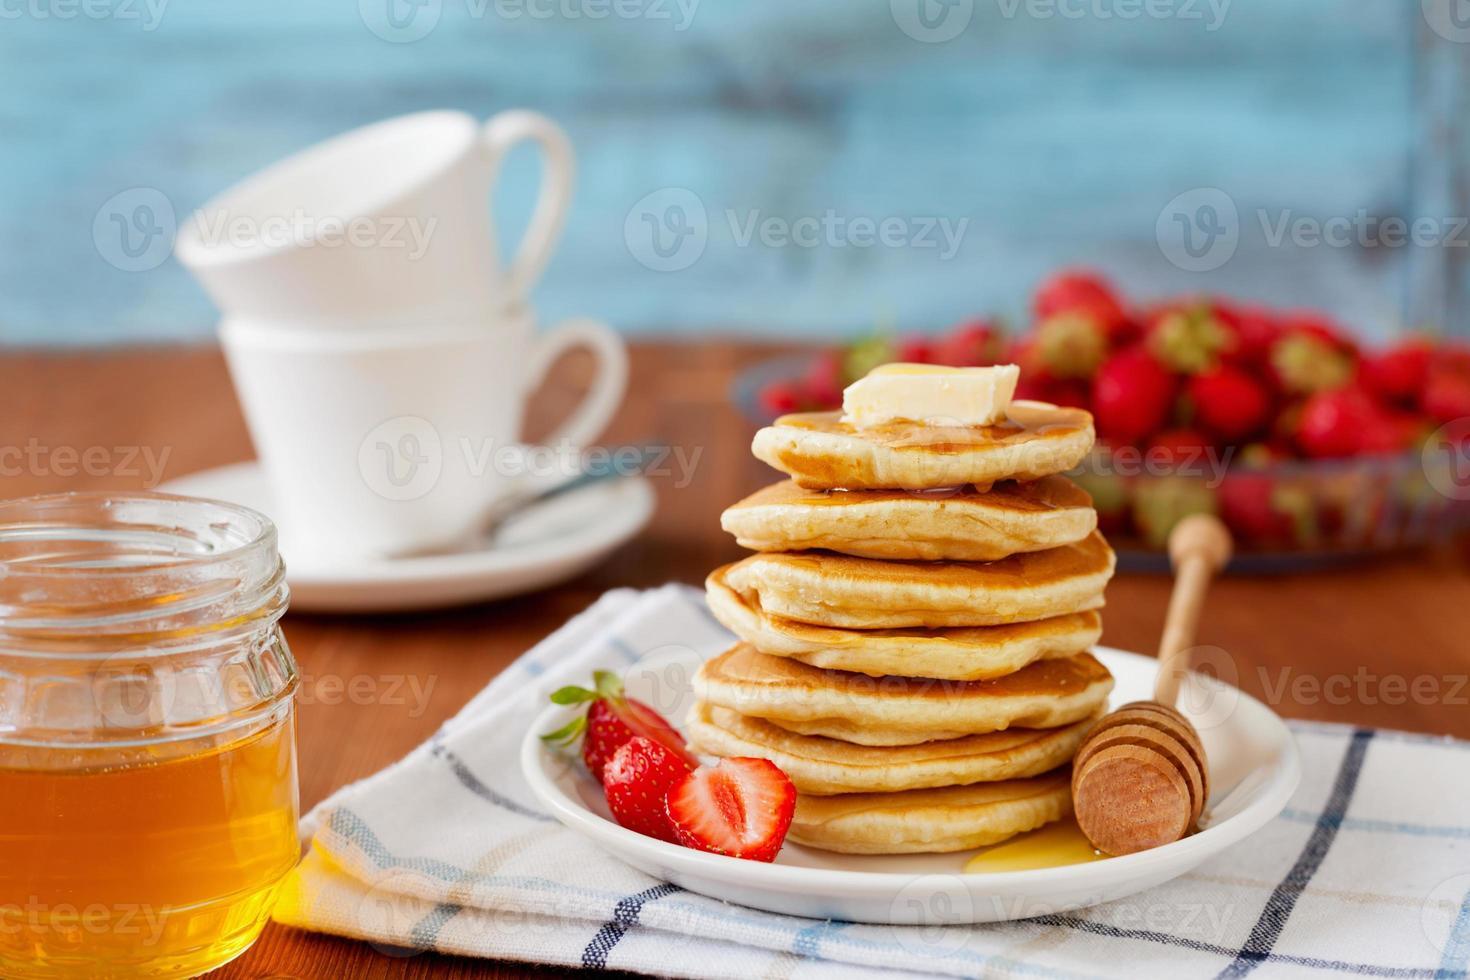 tortitas con sirope de miel, mantequilla y fresa foto